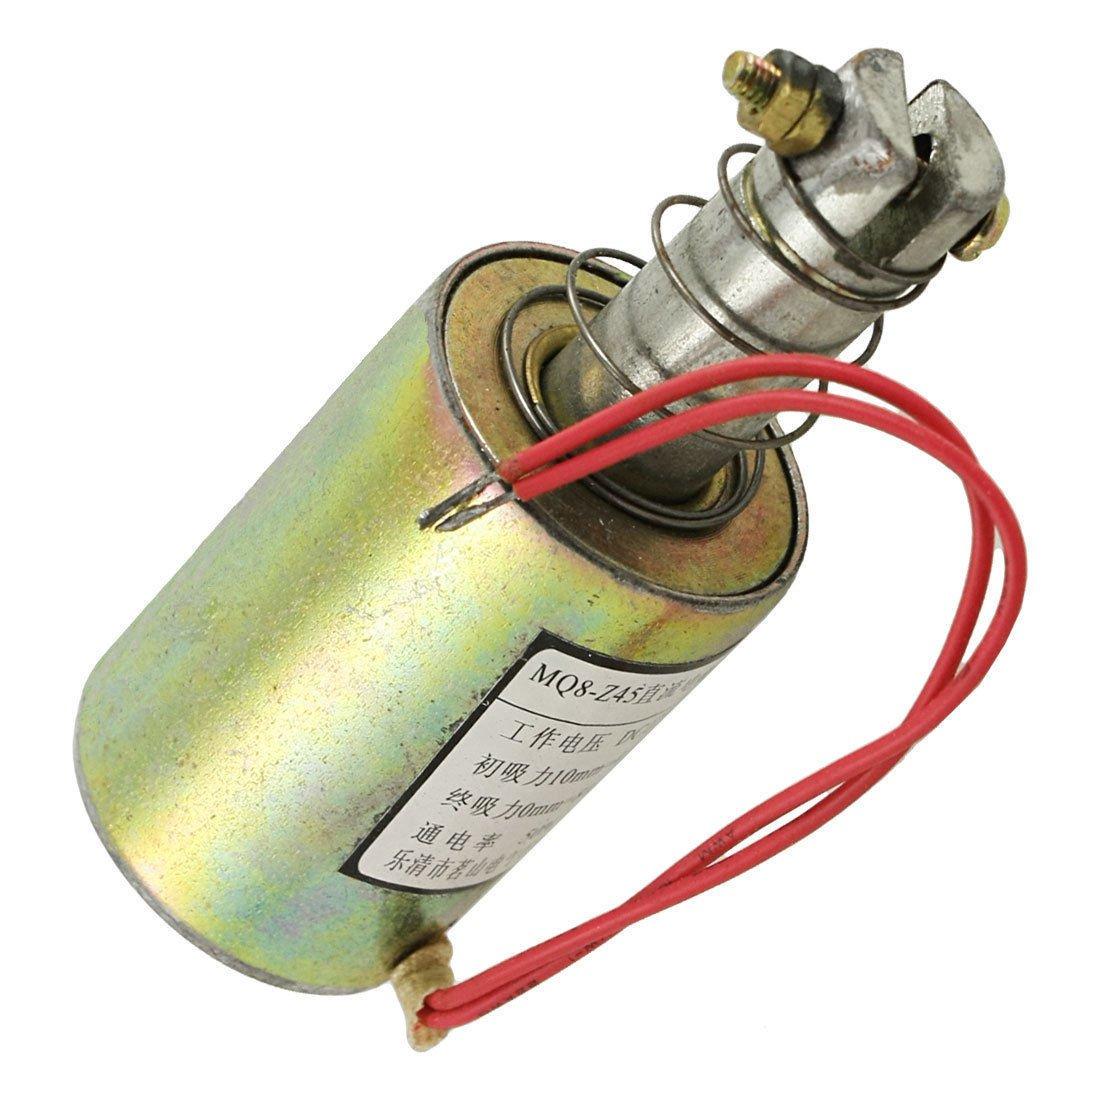 MQ8-Z45 DC 12V 10mm 4.5Kg Pull Type Tubular Solenoid Electromagnet